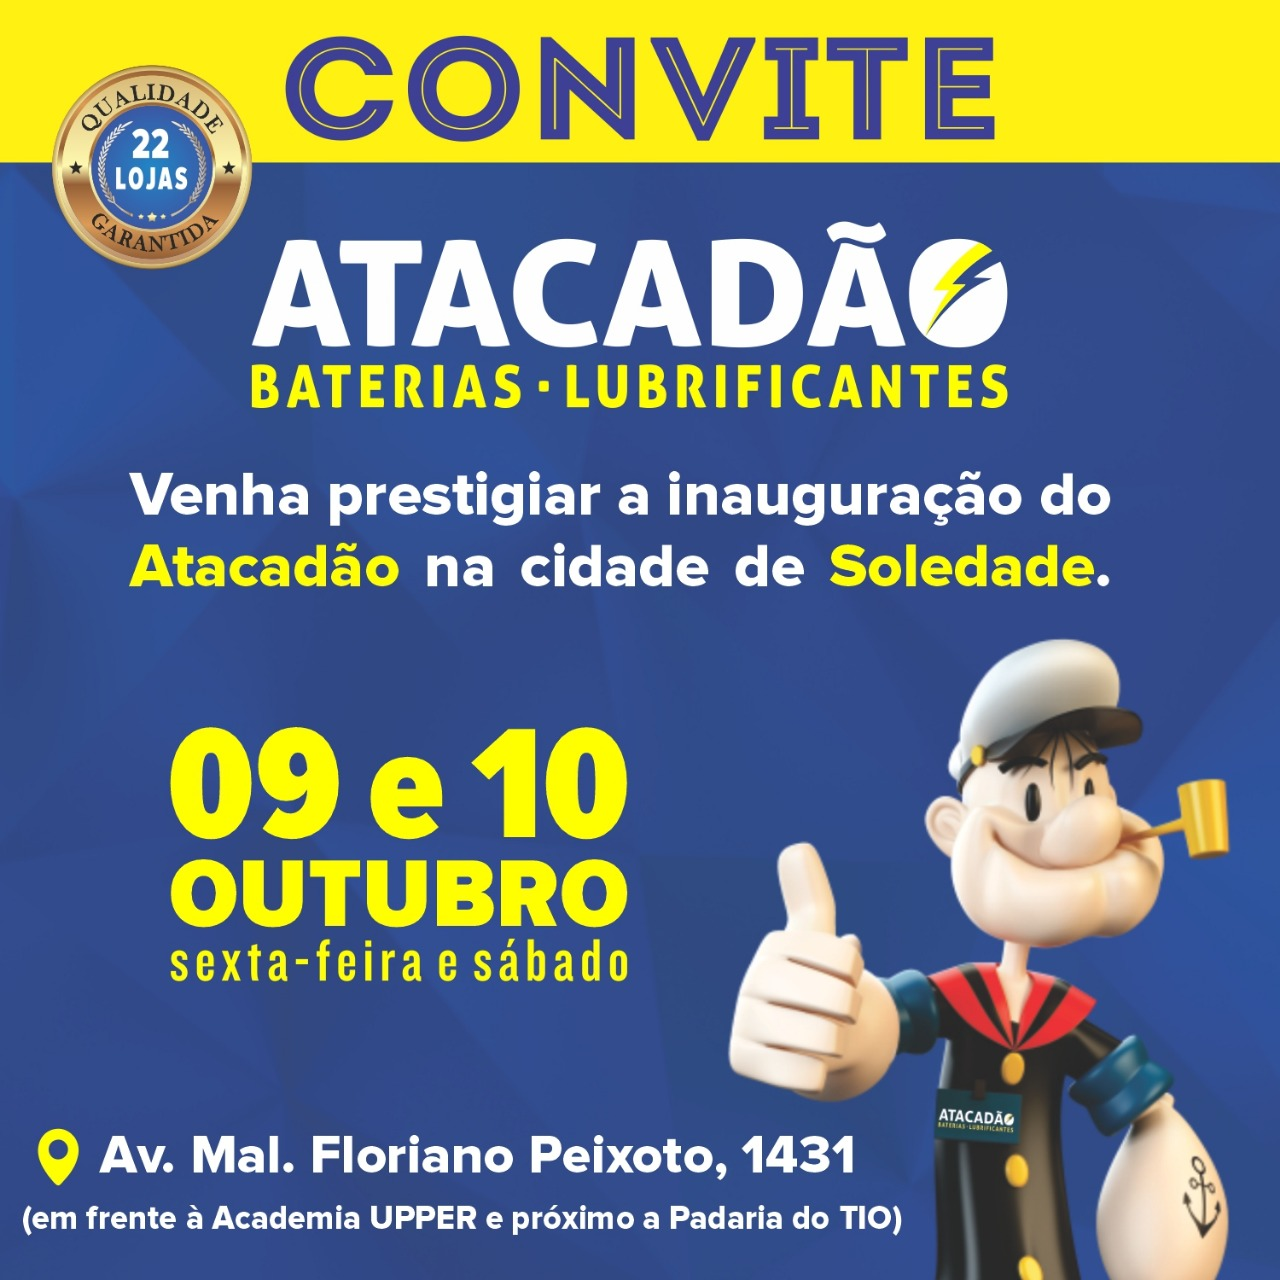 Atacadão das Baterias será inaugurado nesta sexta-feira em Soledade